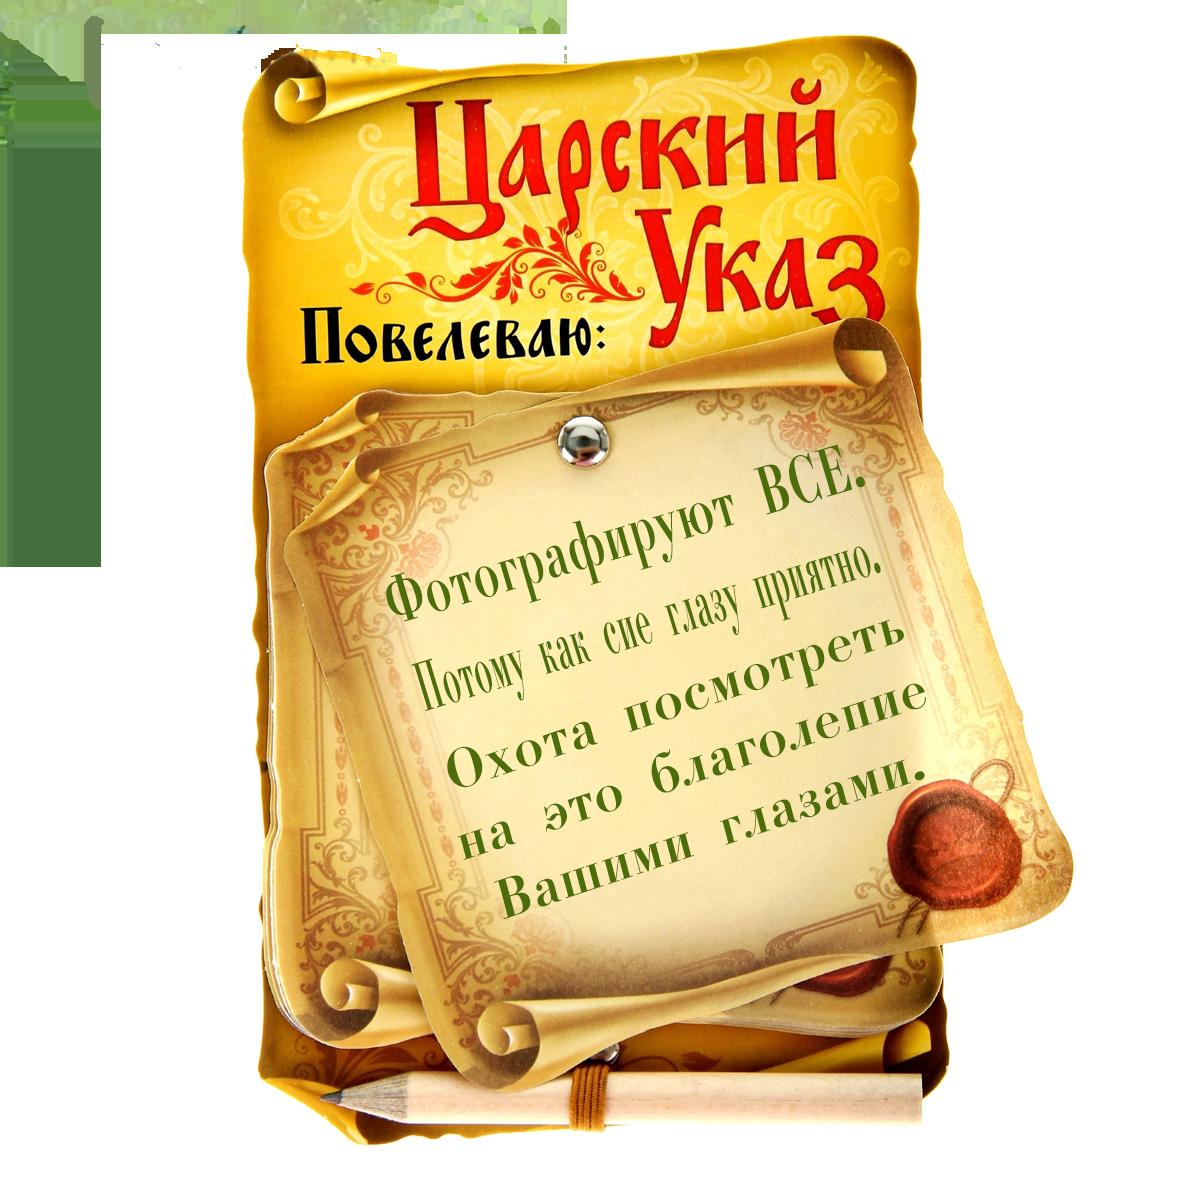 картинки царского указа дизайнеры